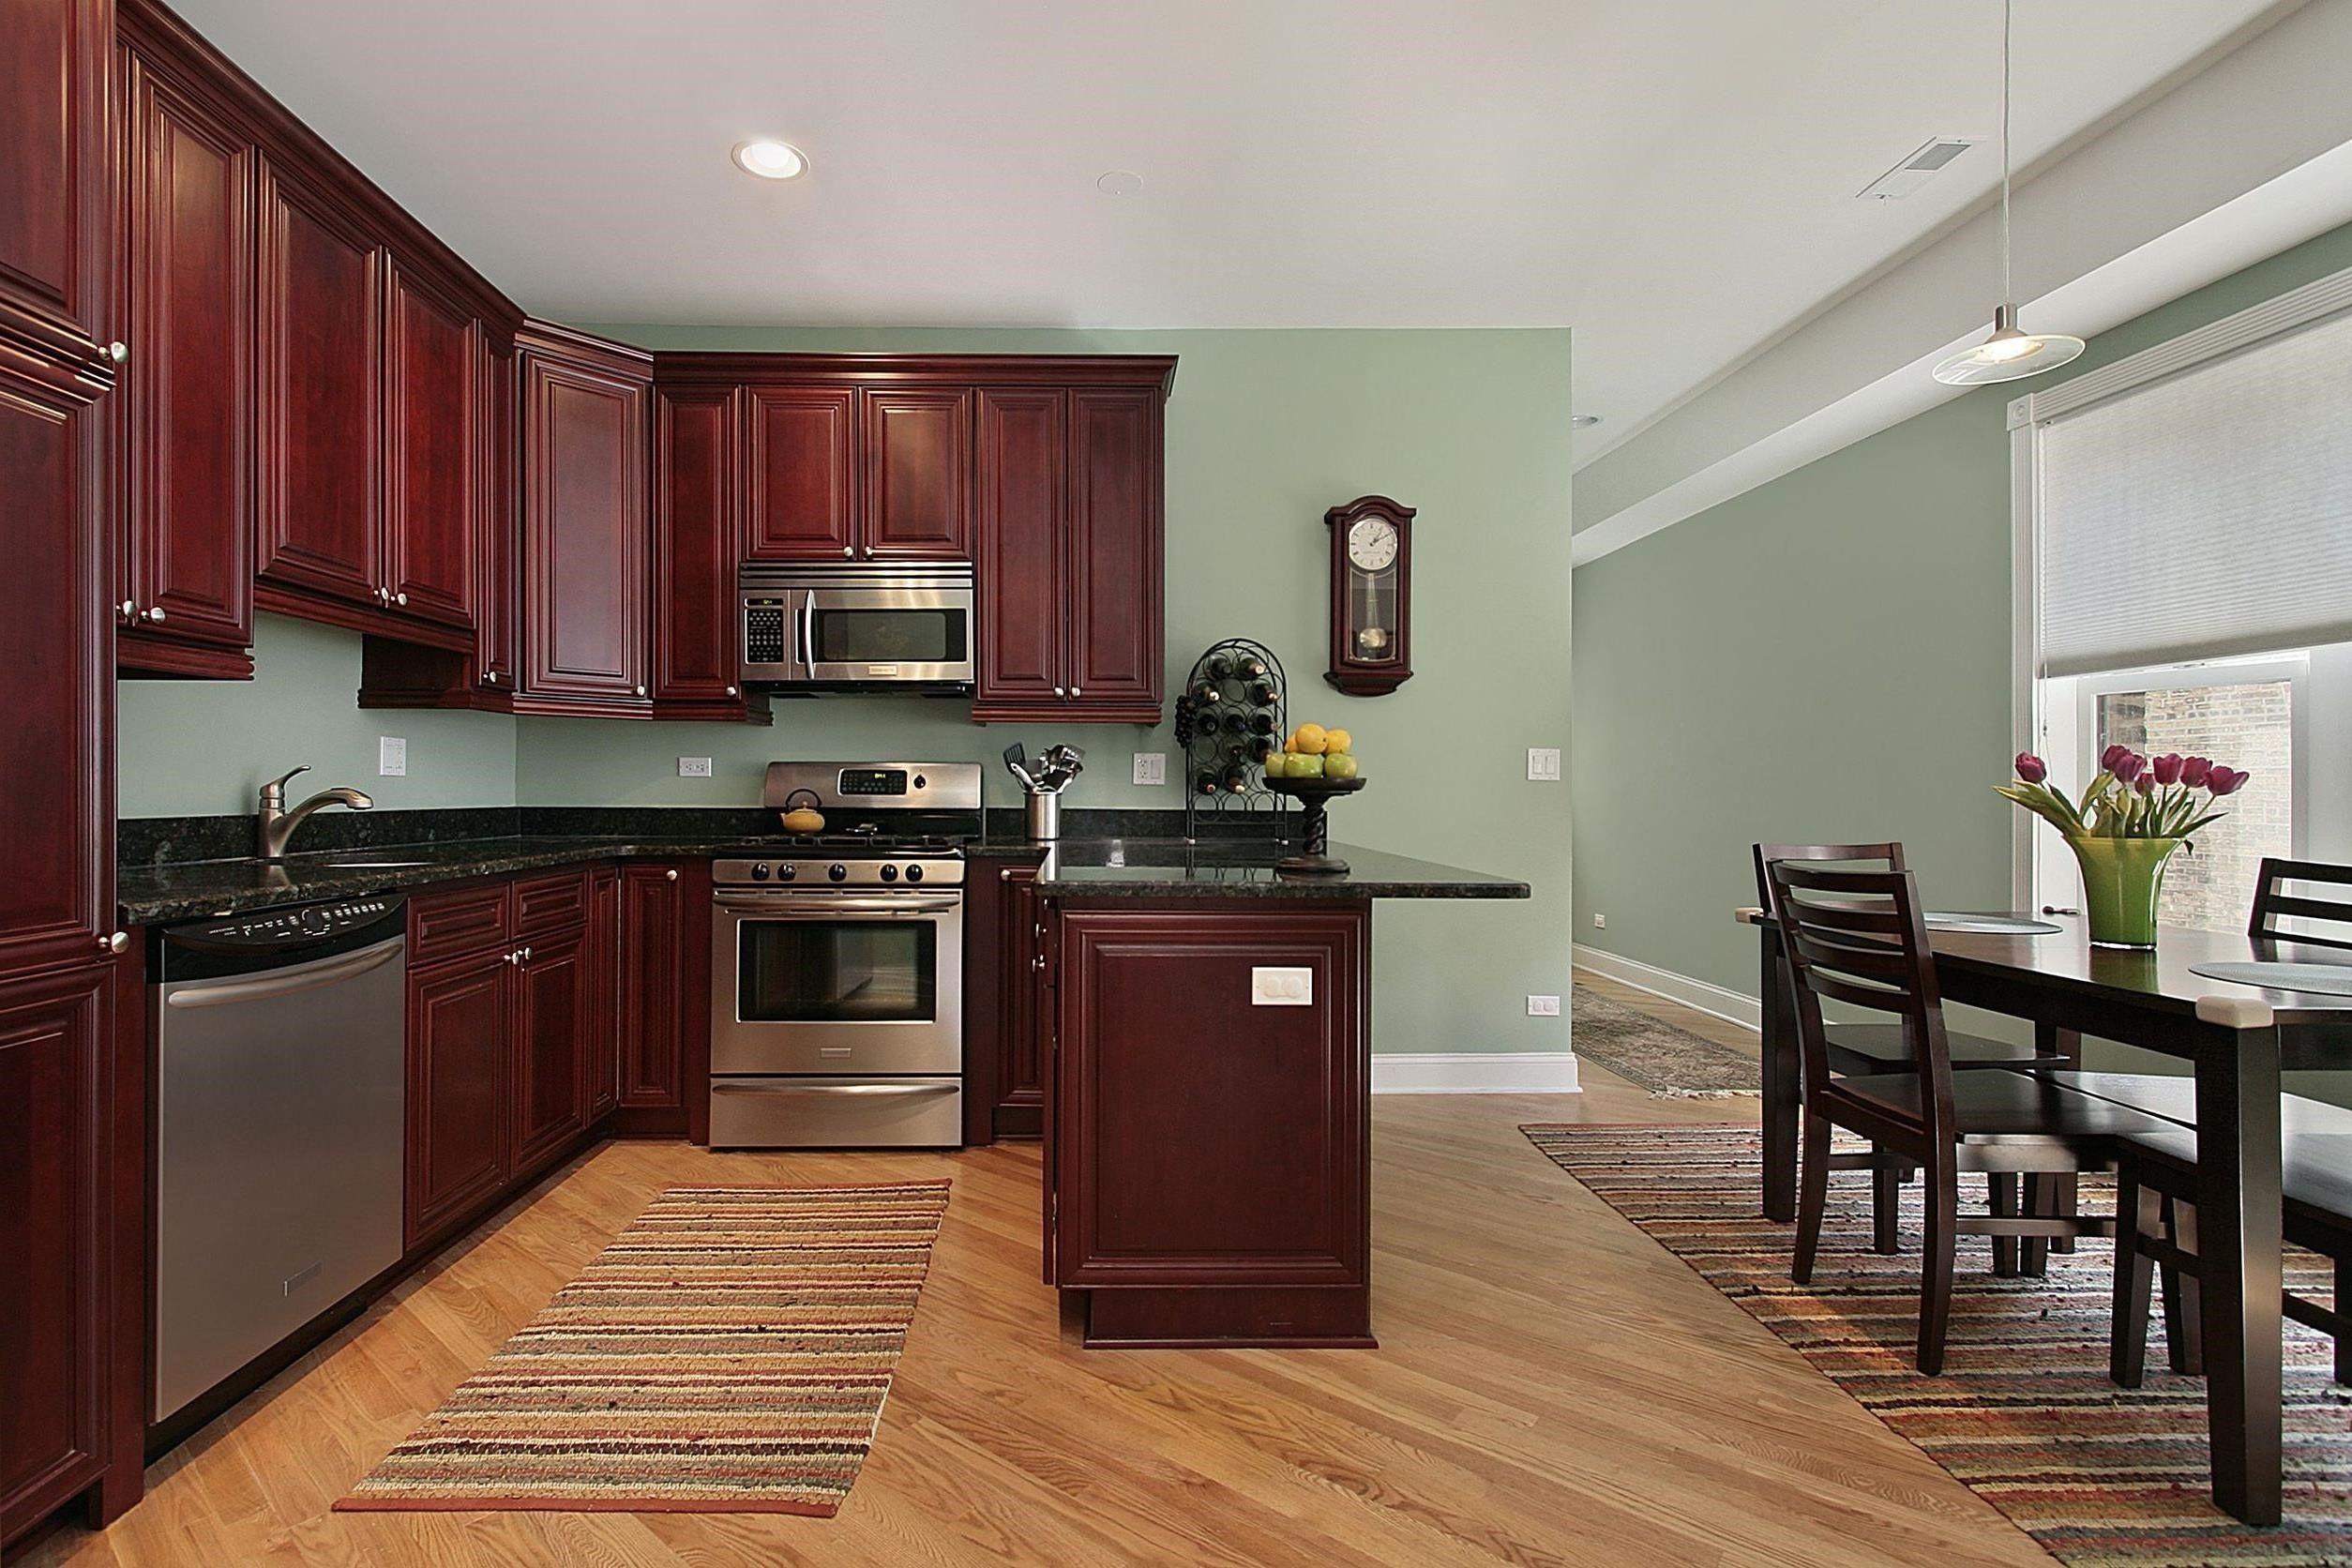 Elegant Paint Ideas For Kitchen With Dark Cabinets Cn08as Green Kitchen Walls Best Kitchen Colors Paint For Kitchen Walls